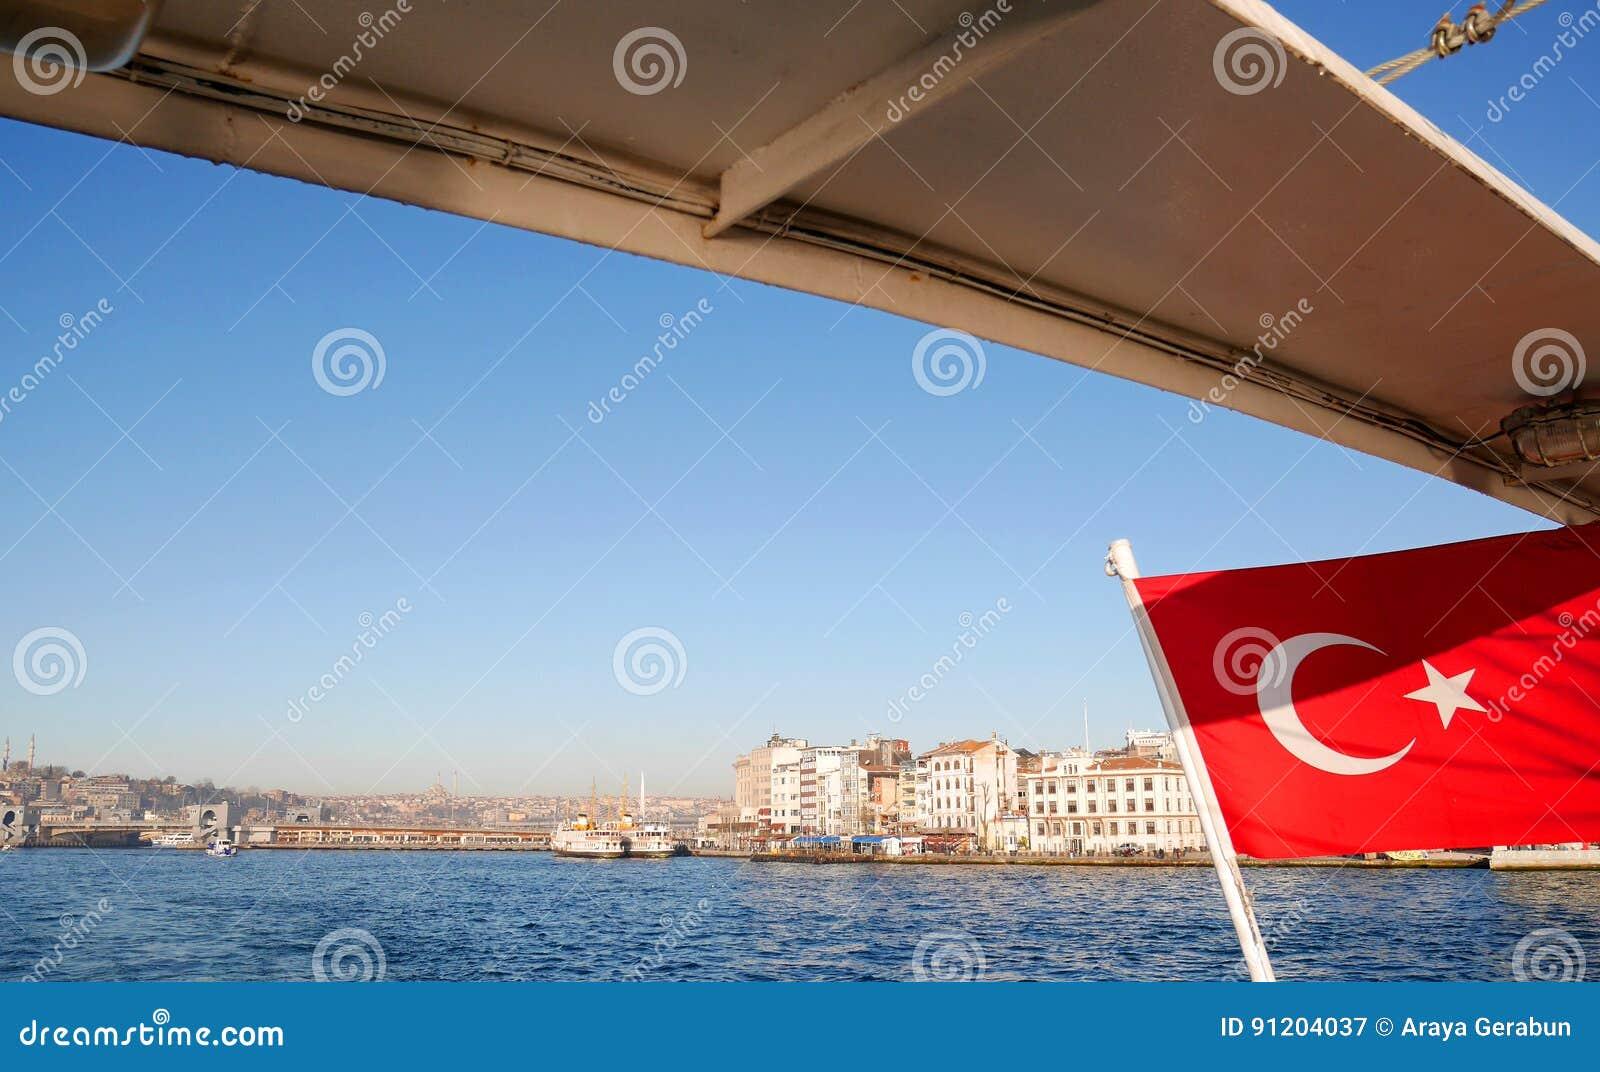 Cruise on Bosphorus strait, Istanbul